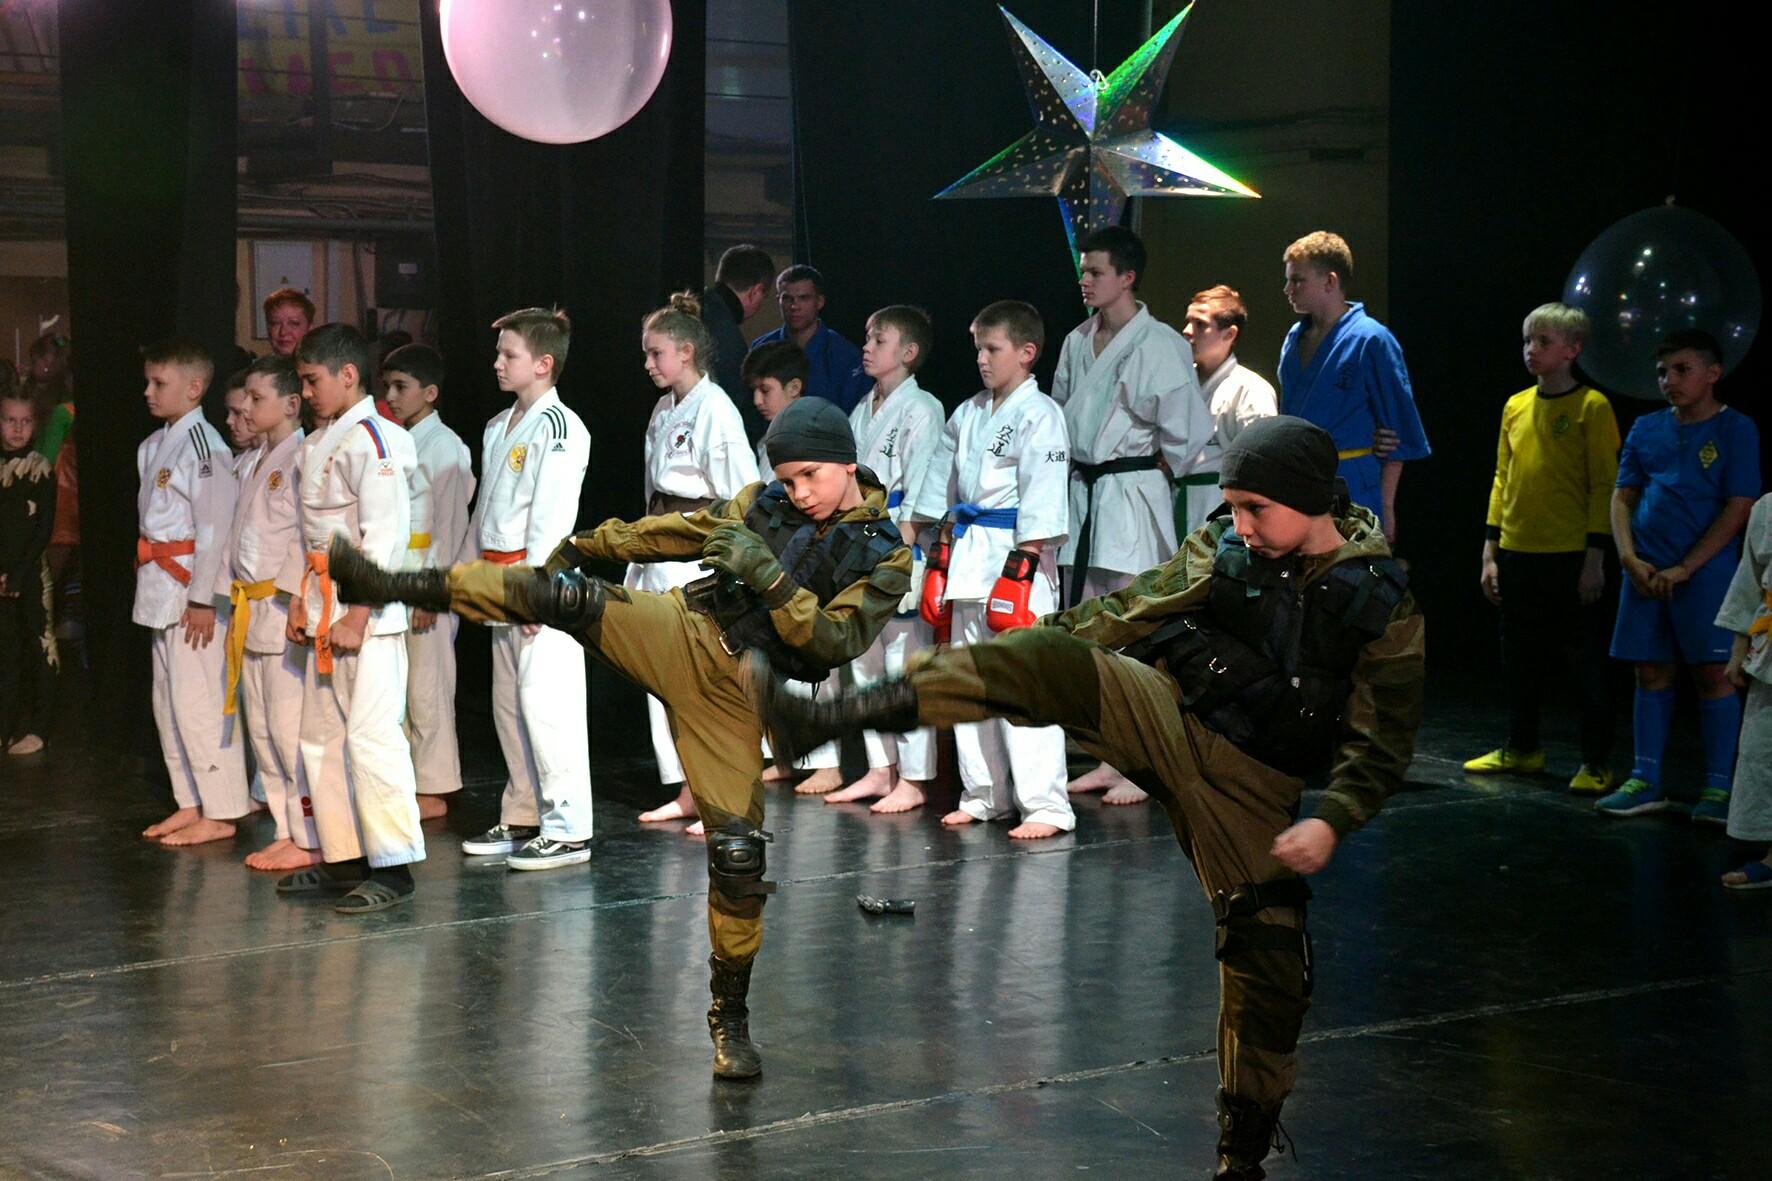 Тренировки с полицейскими, занятия на скалодроме и картинг: чем занимаются ребята из отряда «Гром»